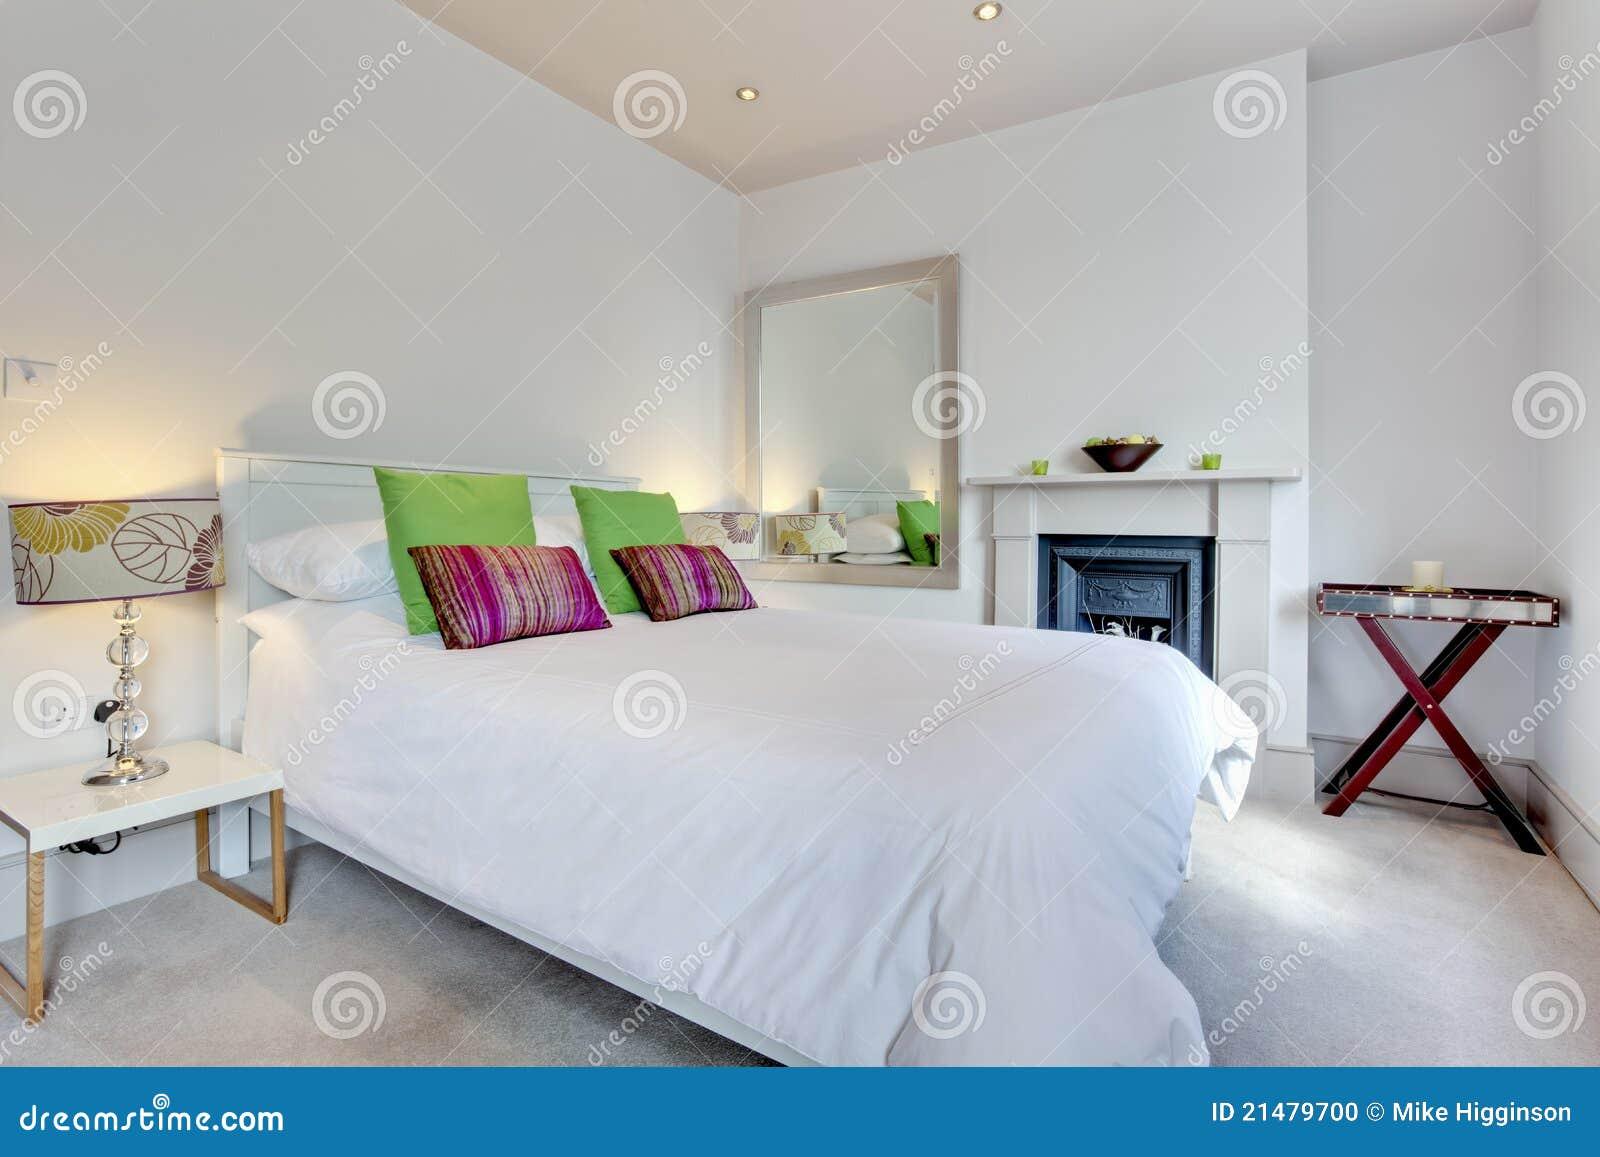 Camera Da Letto Moderna Elegante : Camera da letto di lusso elegante moderna fotografia stock